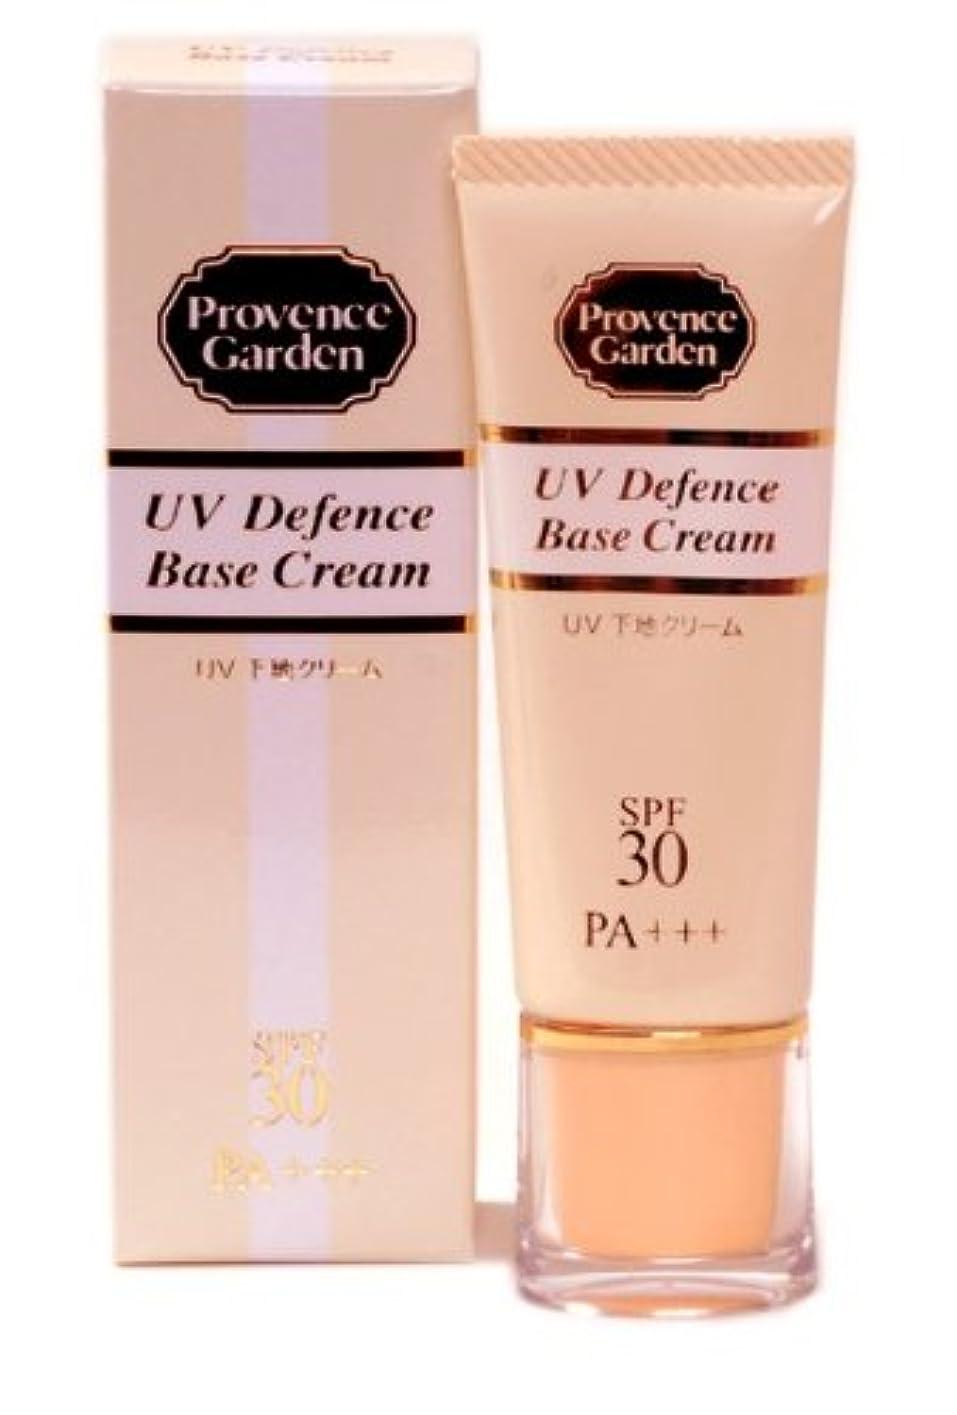 【1本4役?のUV下地】 UVディフェンスベースクリーム SPF30 PA+++ 【ローズヒップ専門店プロヴァンスガーデン】